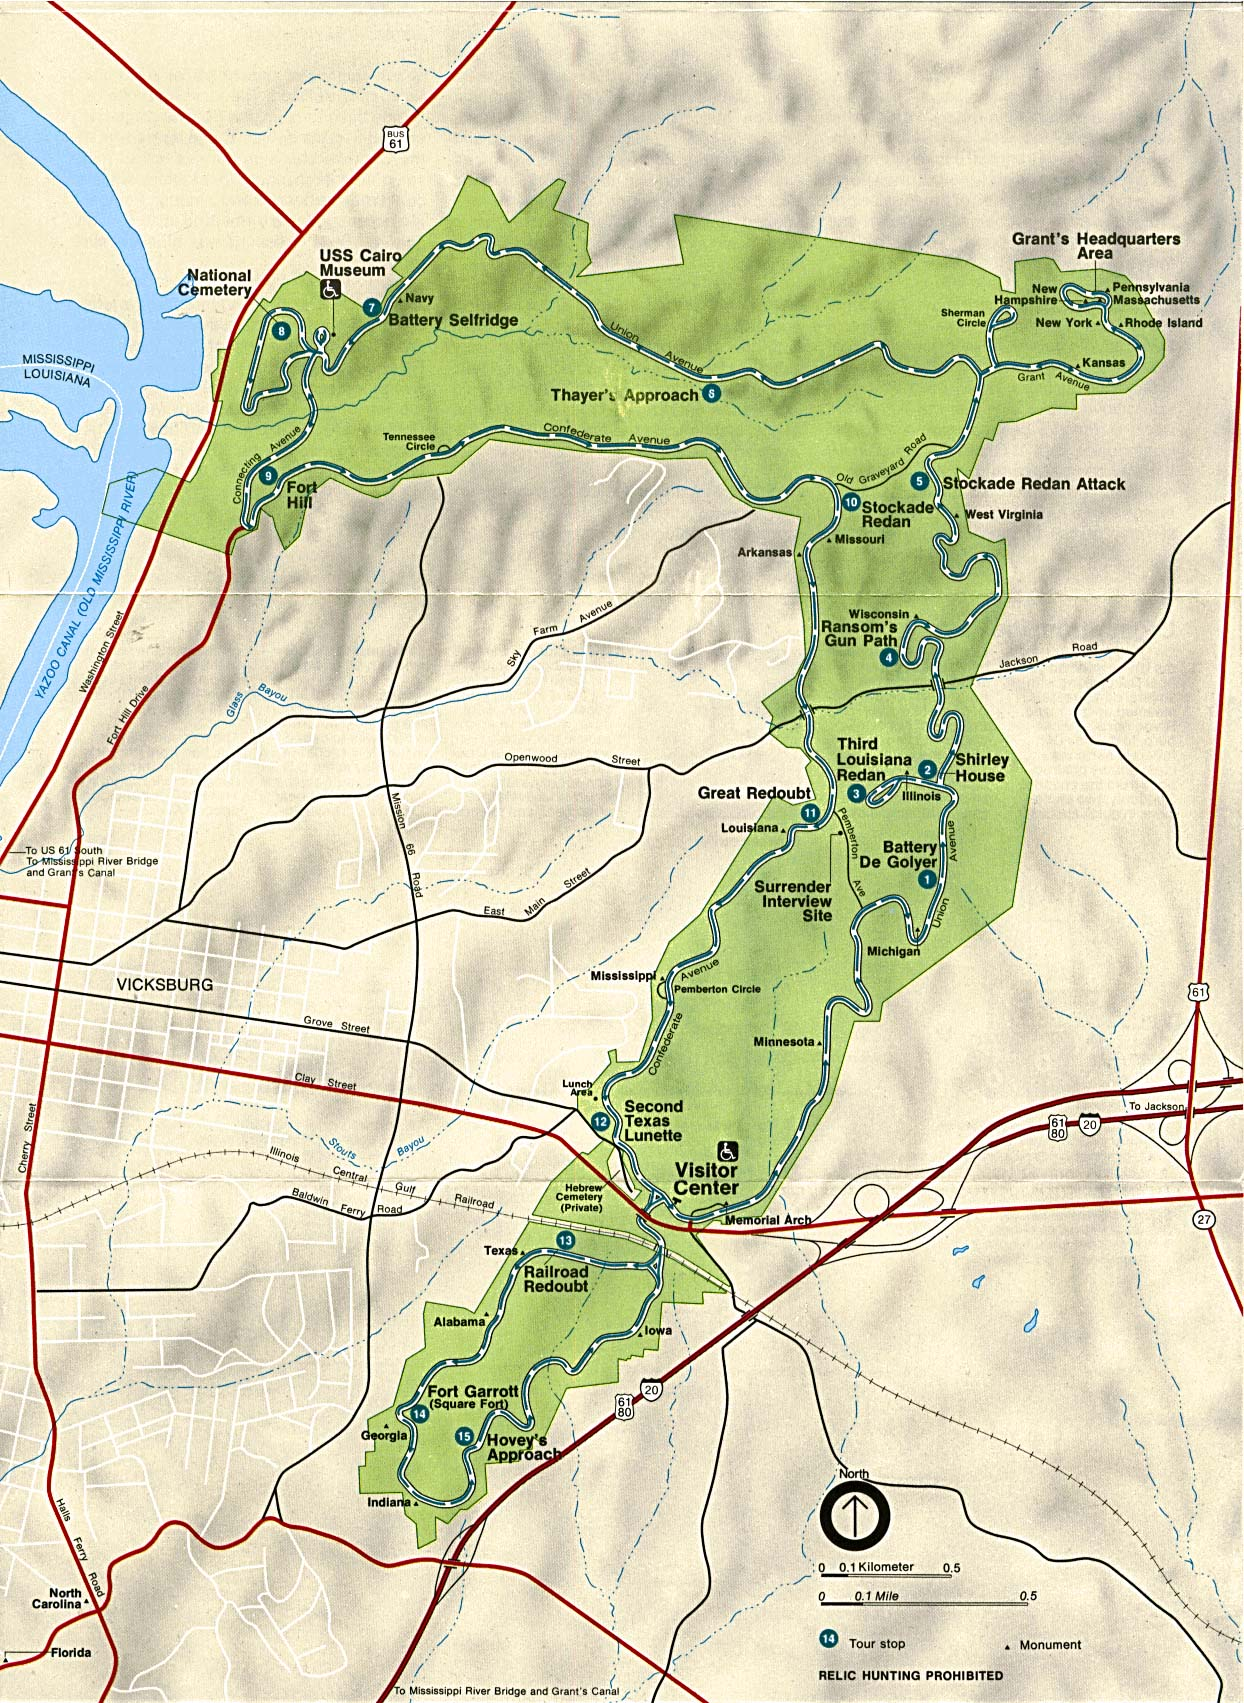 Mapa de la Región del Parque Militar Nacional de Vicksburg, Misisipi, Estados Unidos